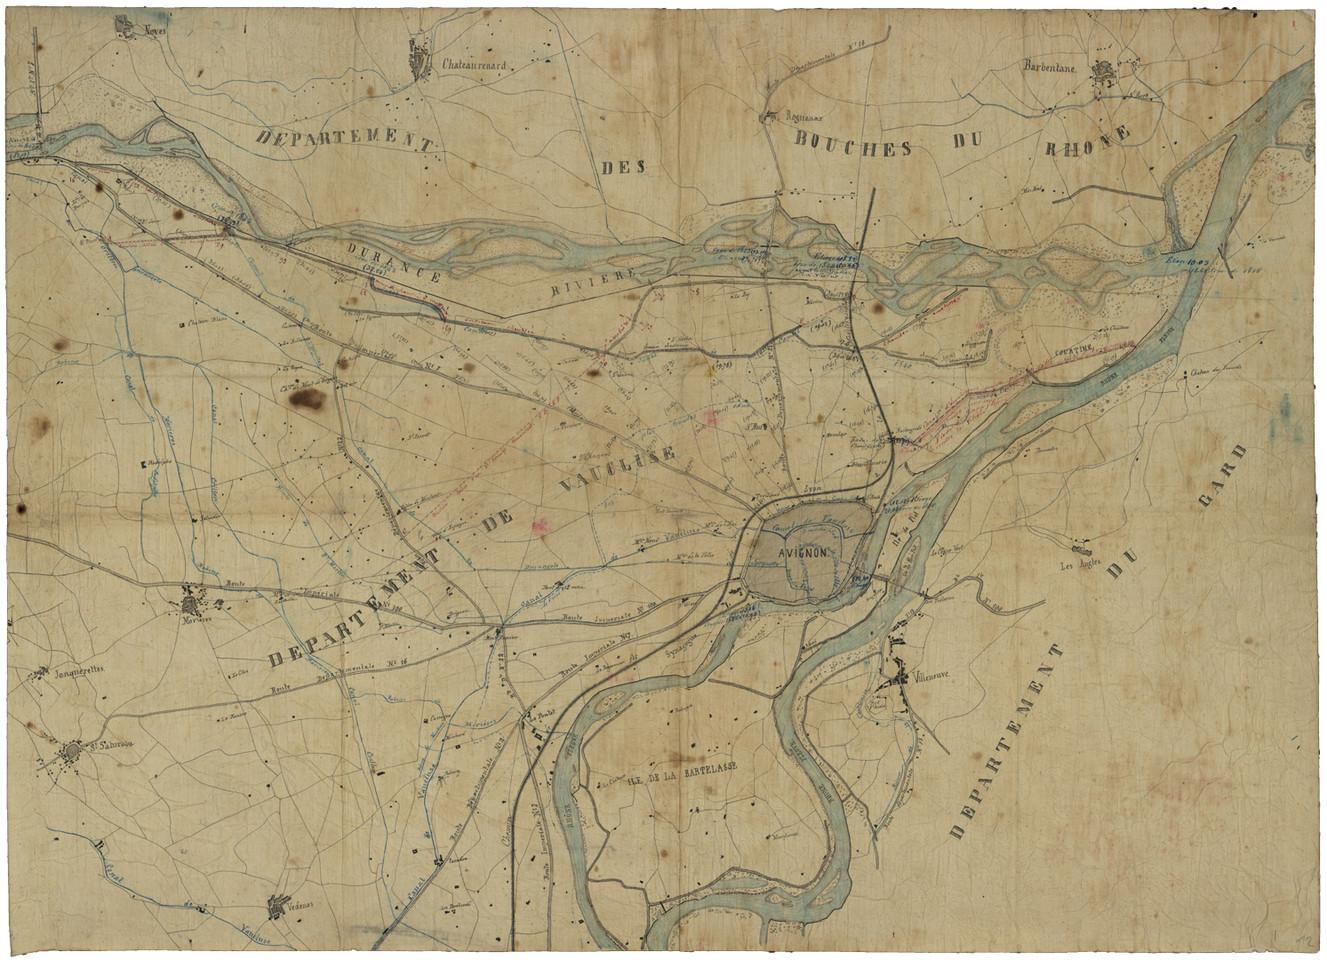 1860 – Carte du Rhône et de la plaine d'Avignon